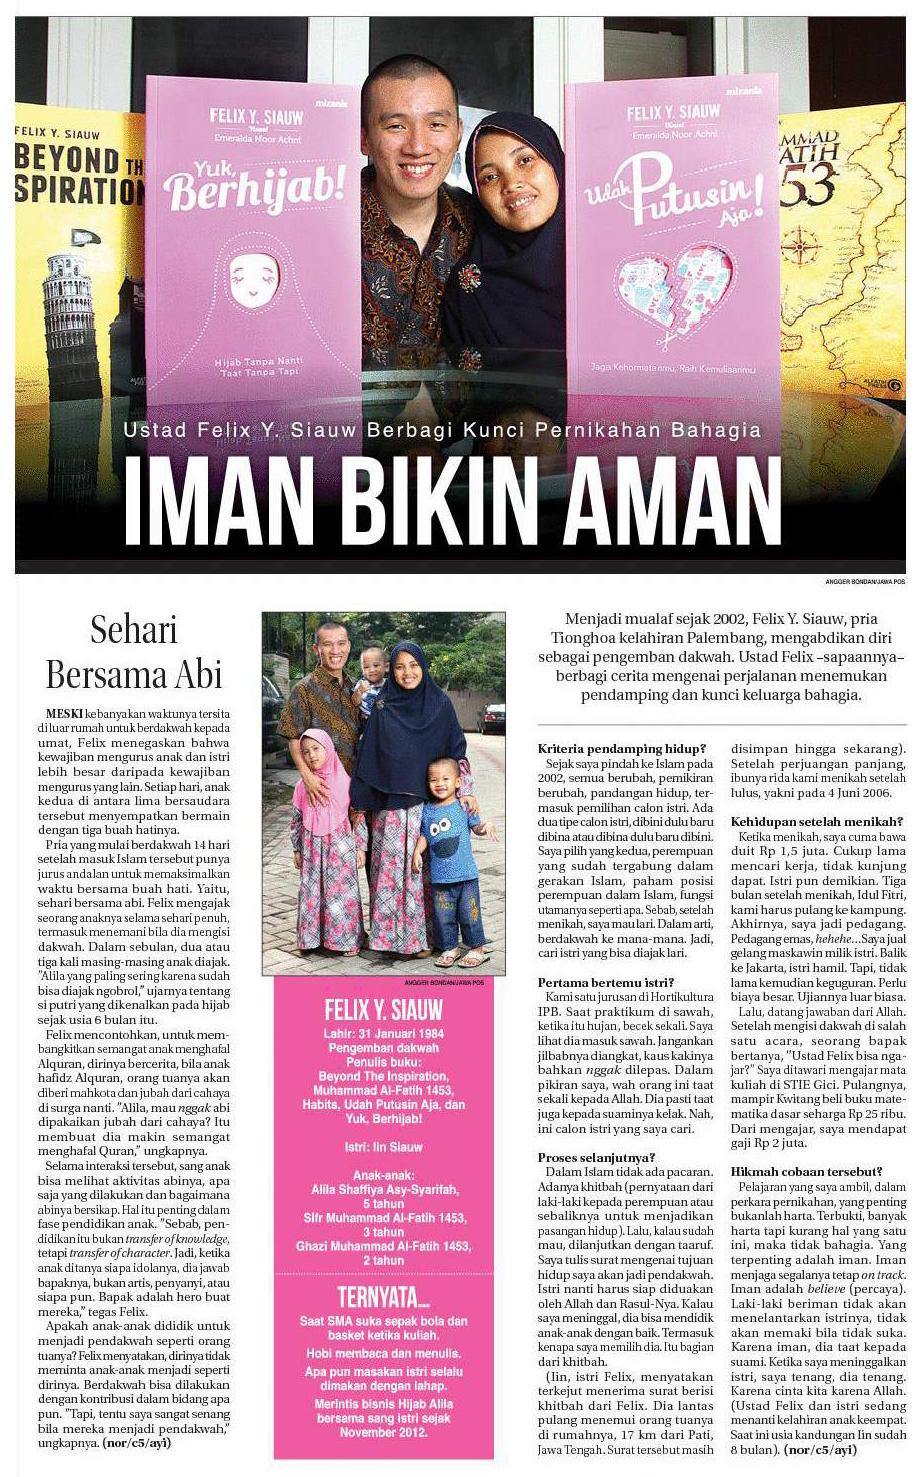 iman_bikin_aman